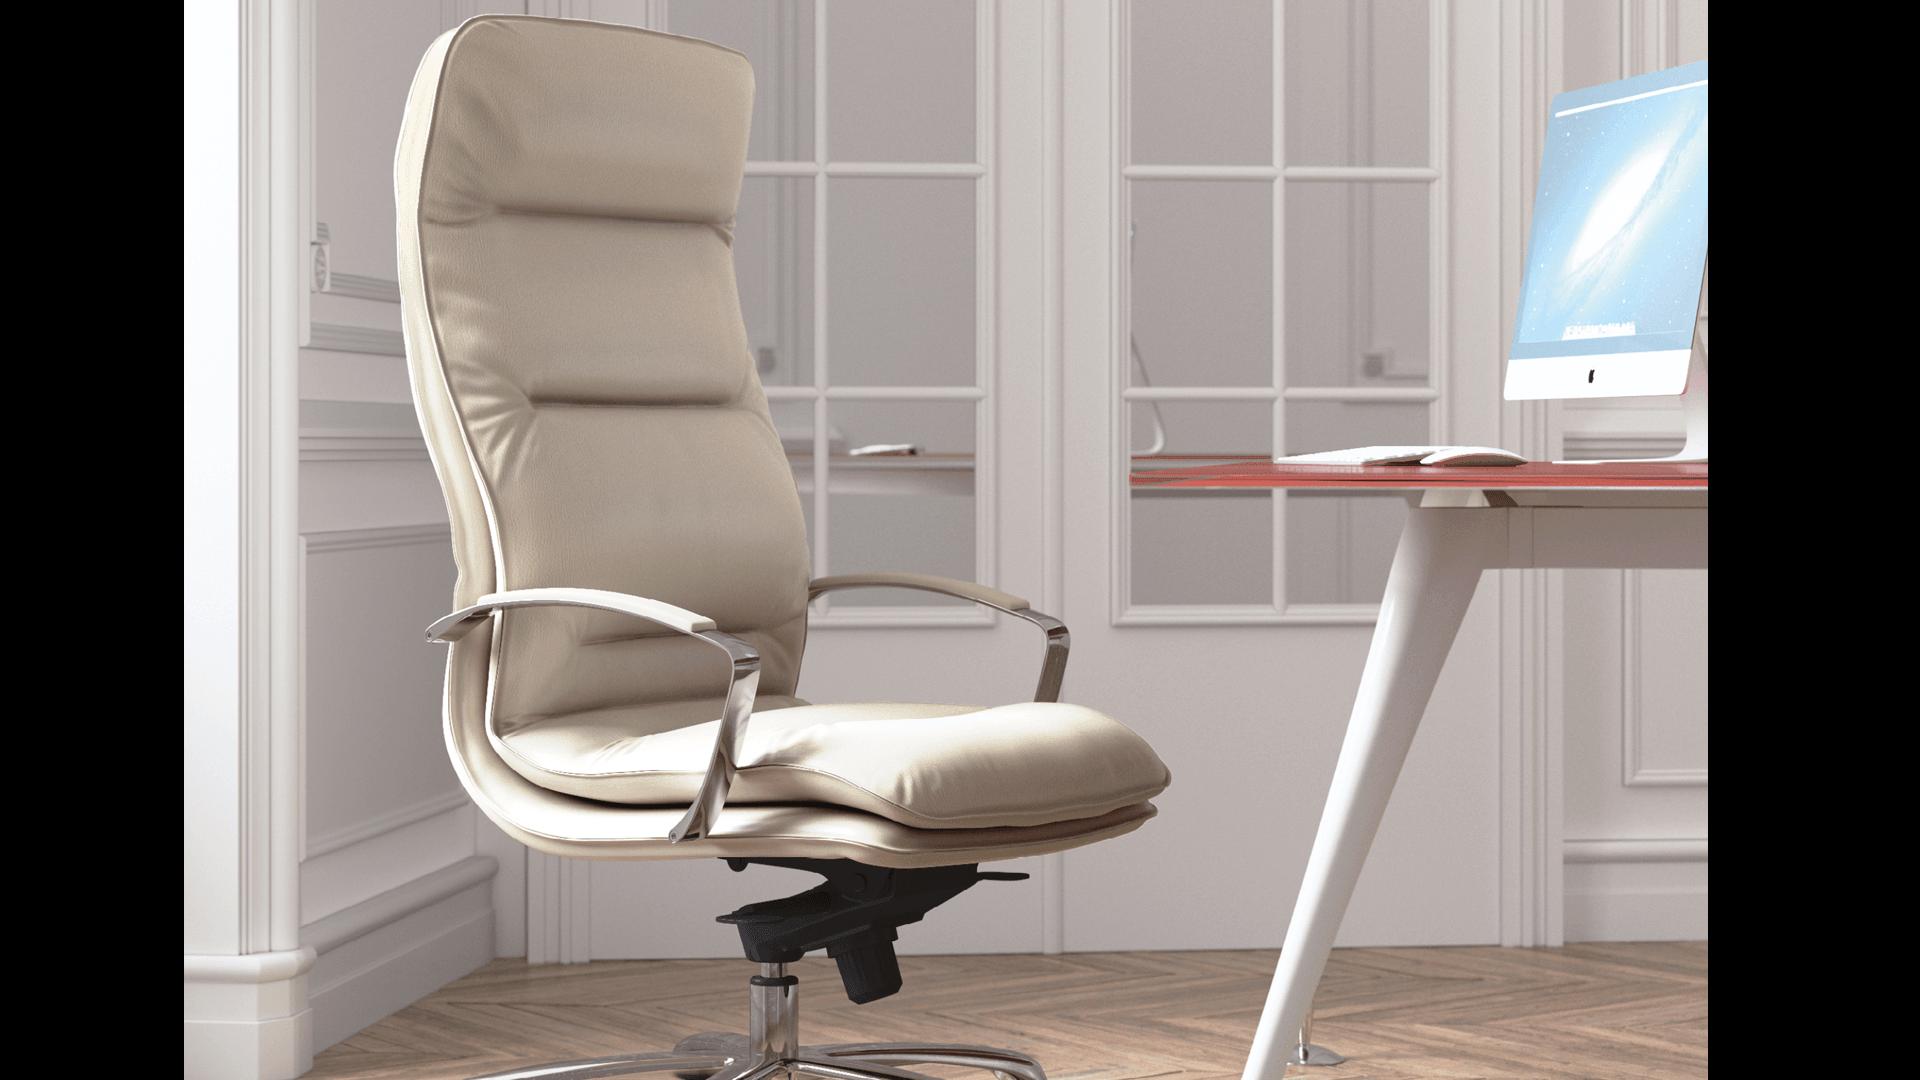 Mobili per ufficio - Lombardo Arredi